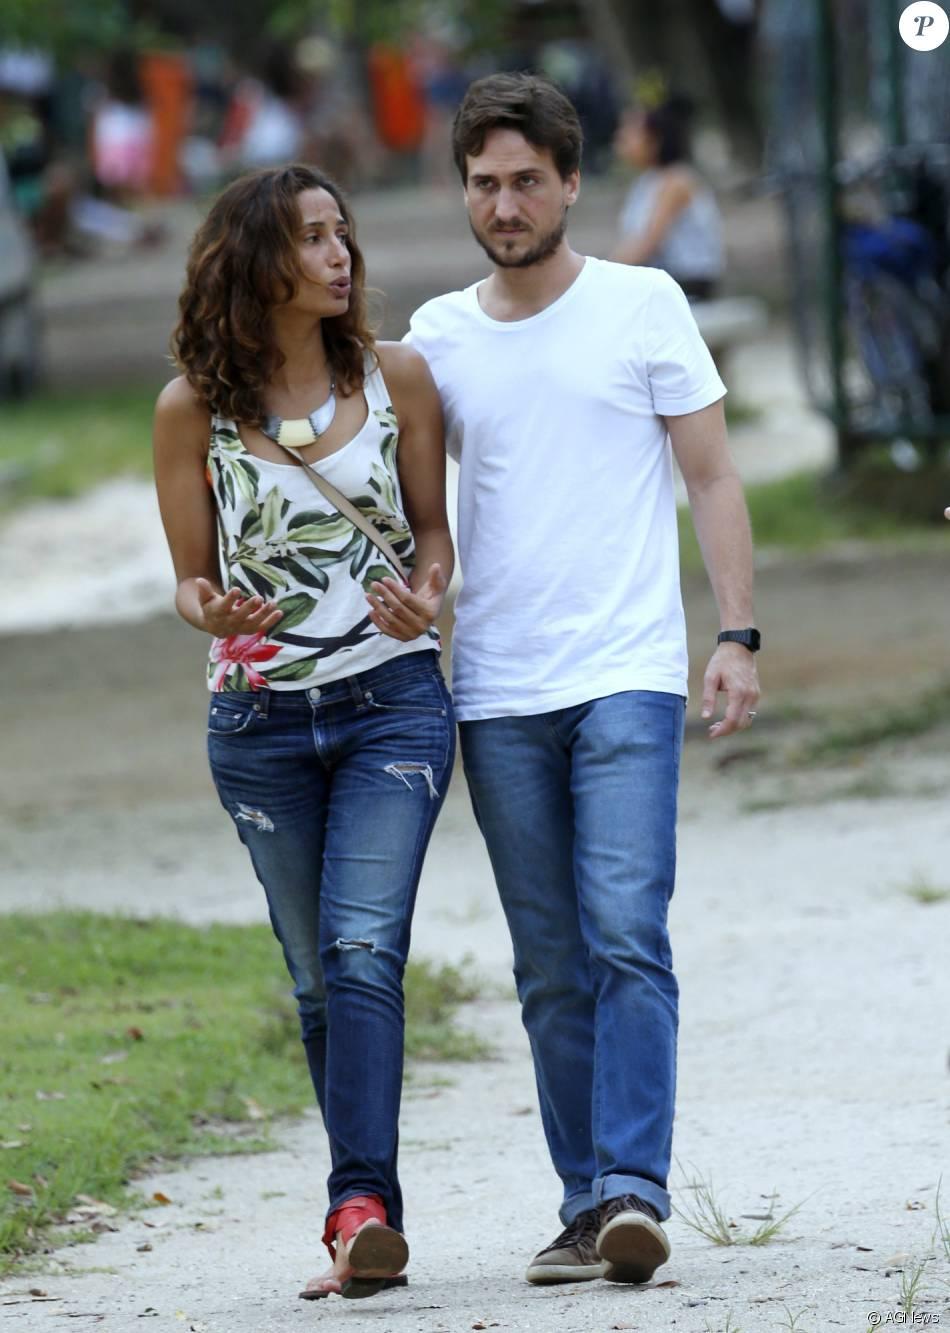 Camila Pitanga e Igor Angelkorte passeiam na Lagoa Rodrigo de Freitas, Zona Sul do Rio de Janeiro, em 24 de janeiro de 2016